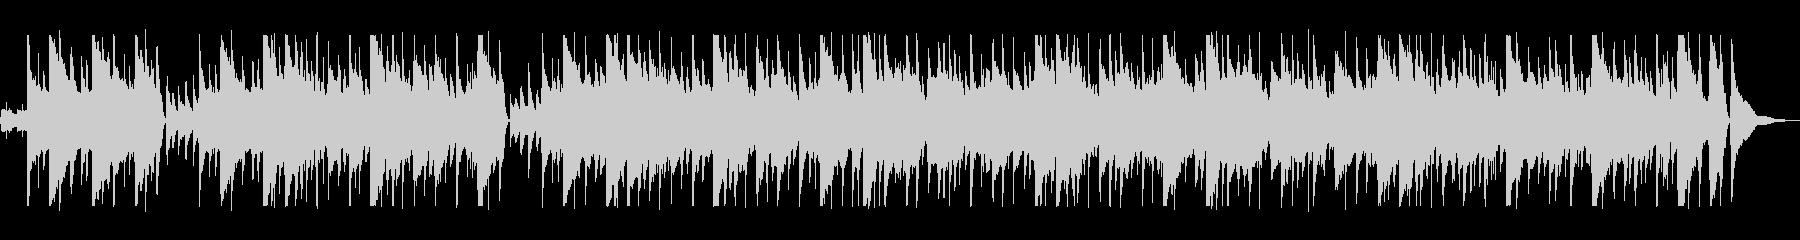 南国を思わせるミュージックの未再生の波形